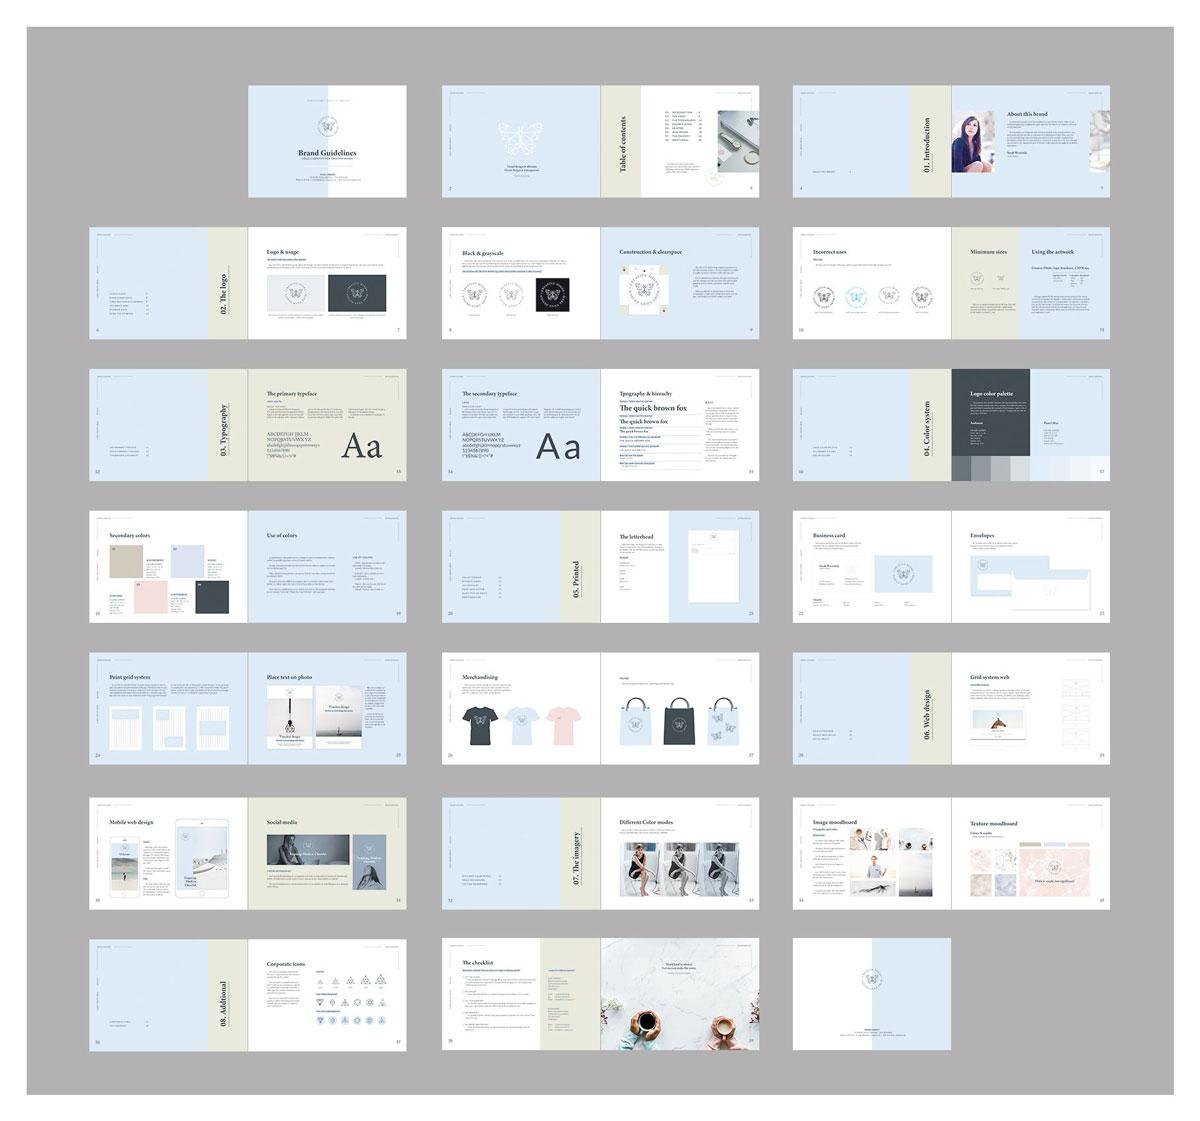 清新服装品牌VI手册标志指南画册模板 Brand Guidelines – Landscape插图(12)